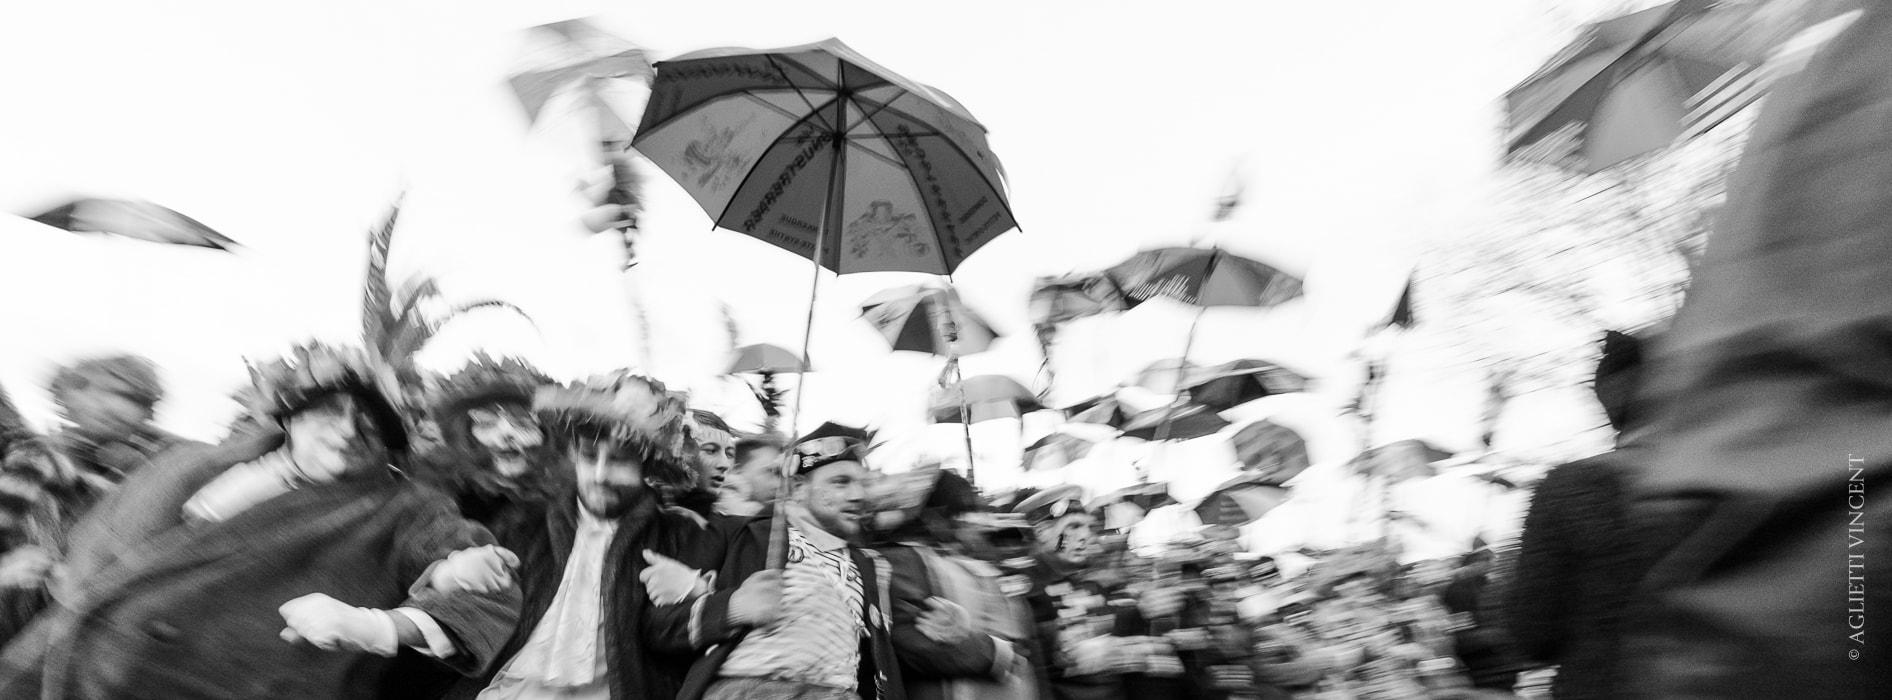 Carnaval-Dunkerque-premiere ligne-chahut